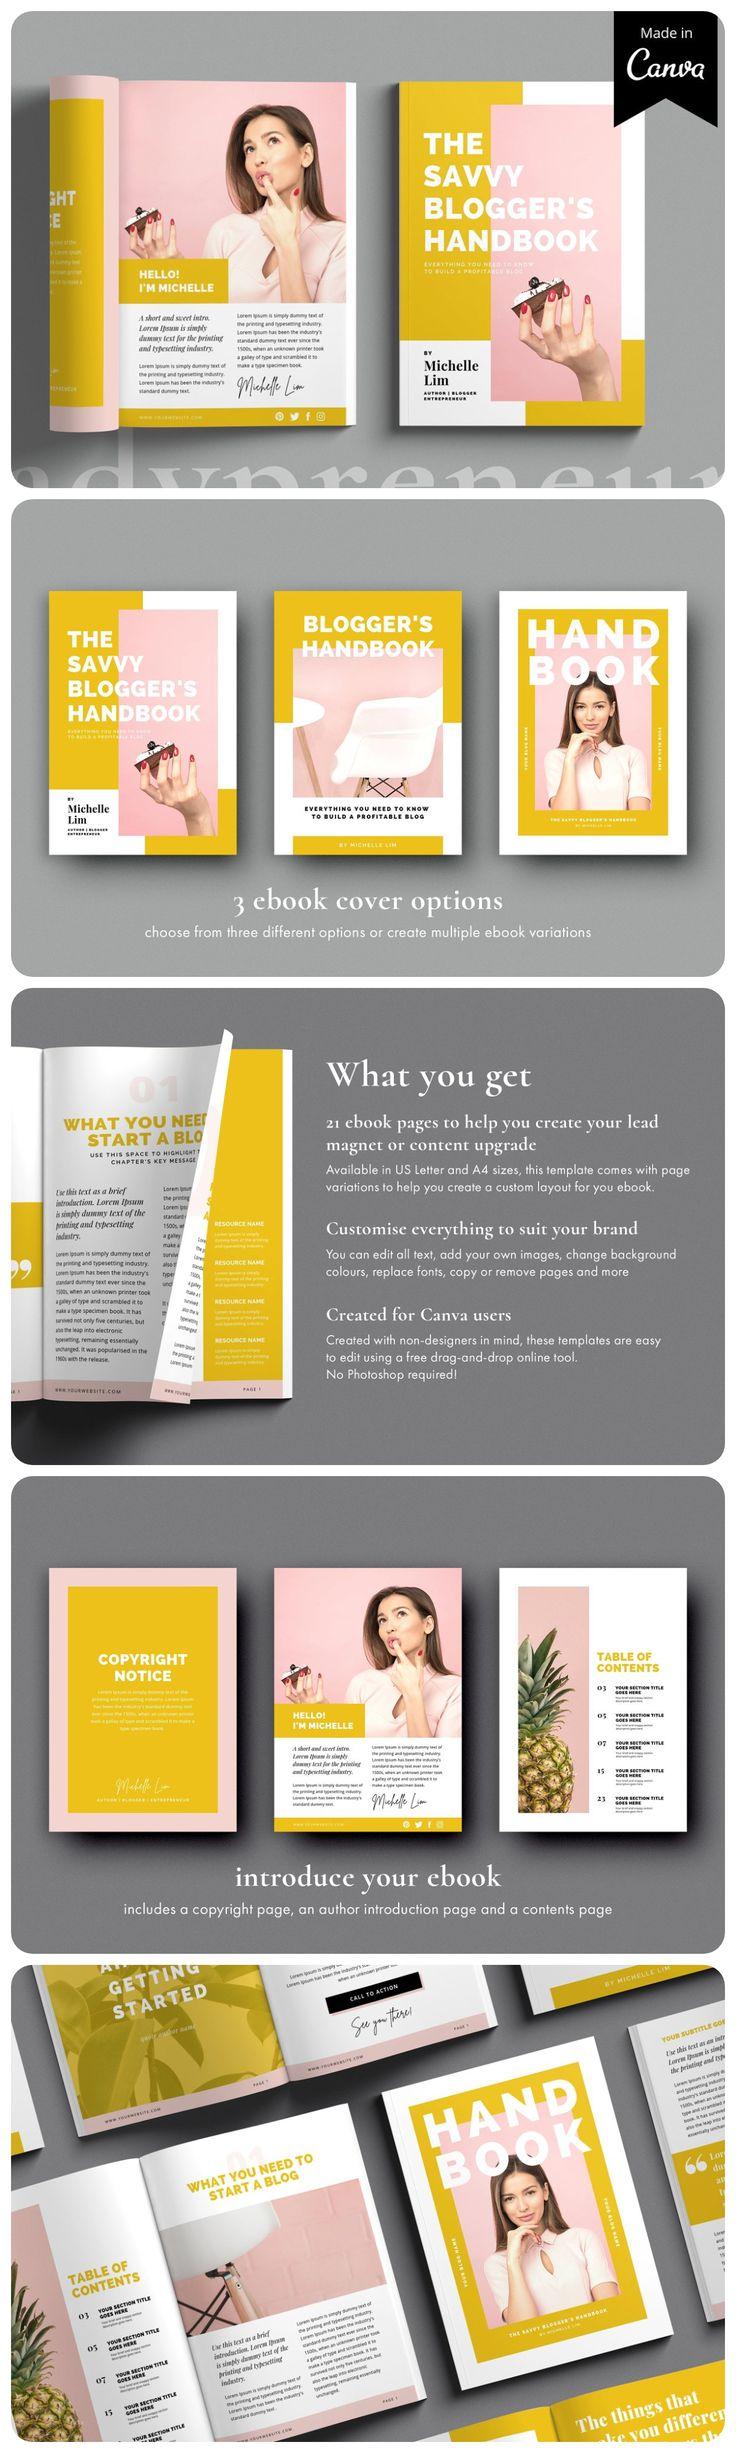 Canva eBook template Ladypreneur Ebook template, Ebook